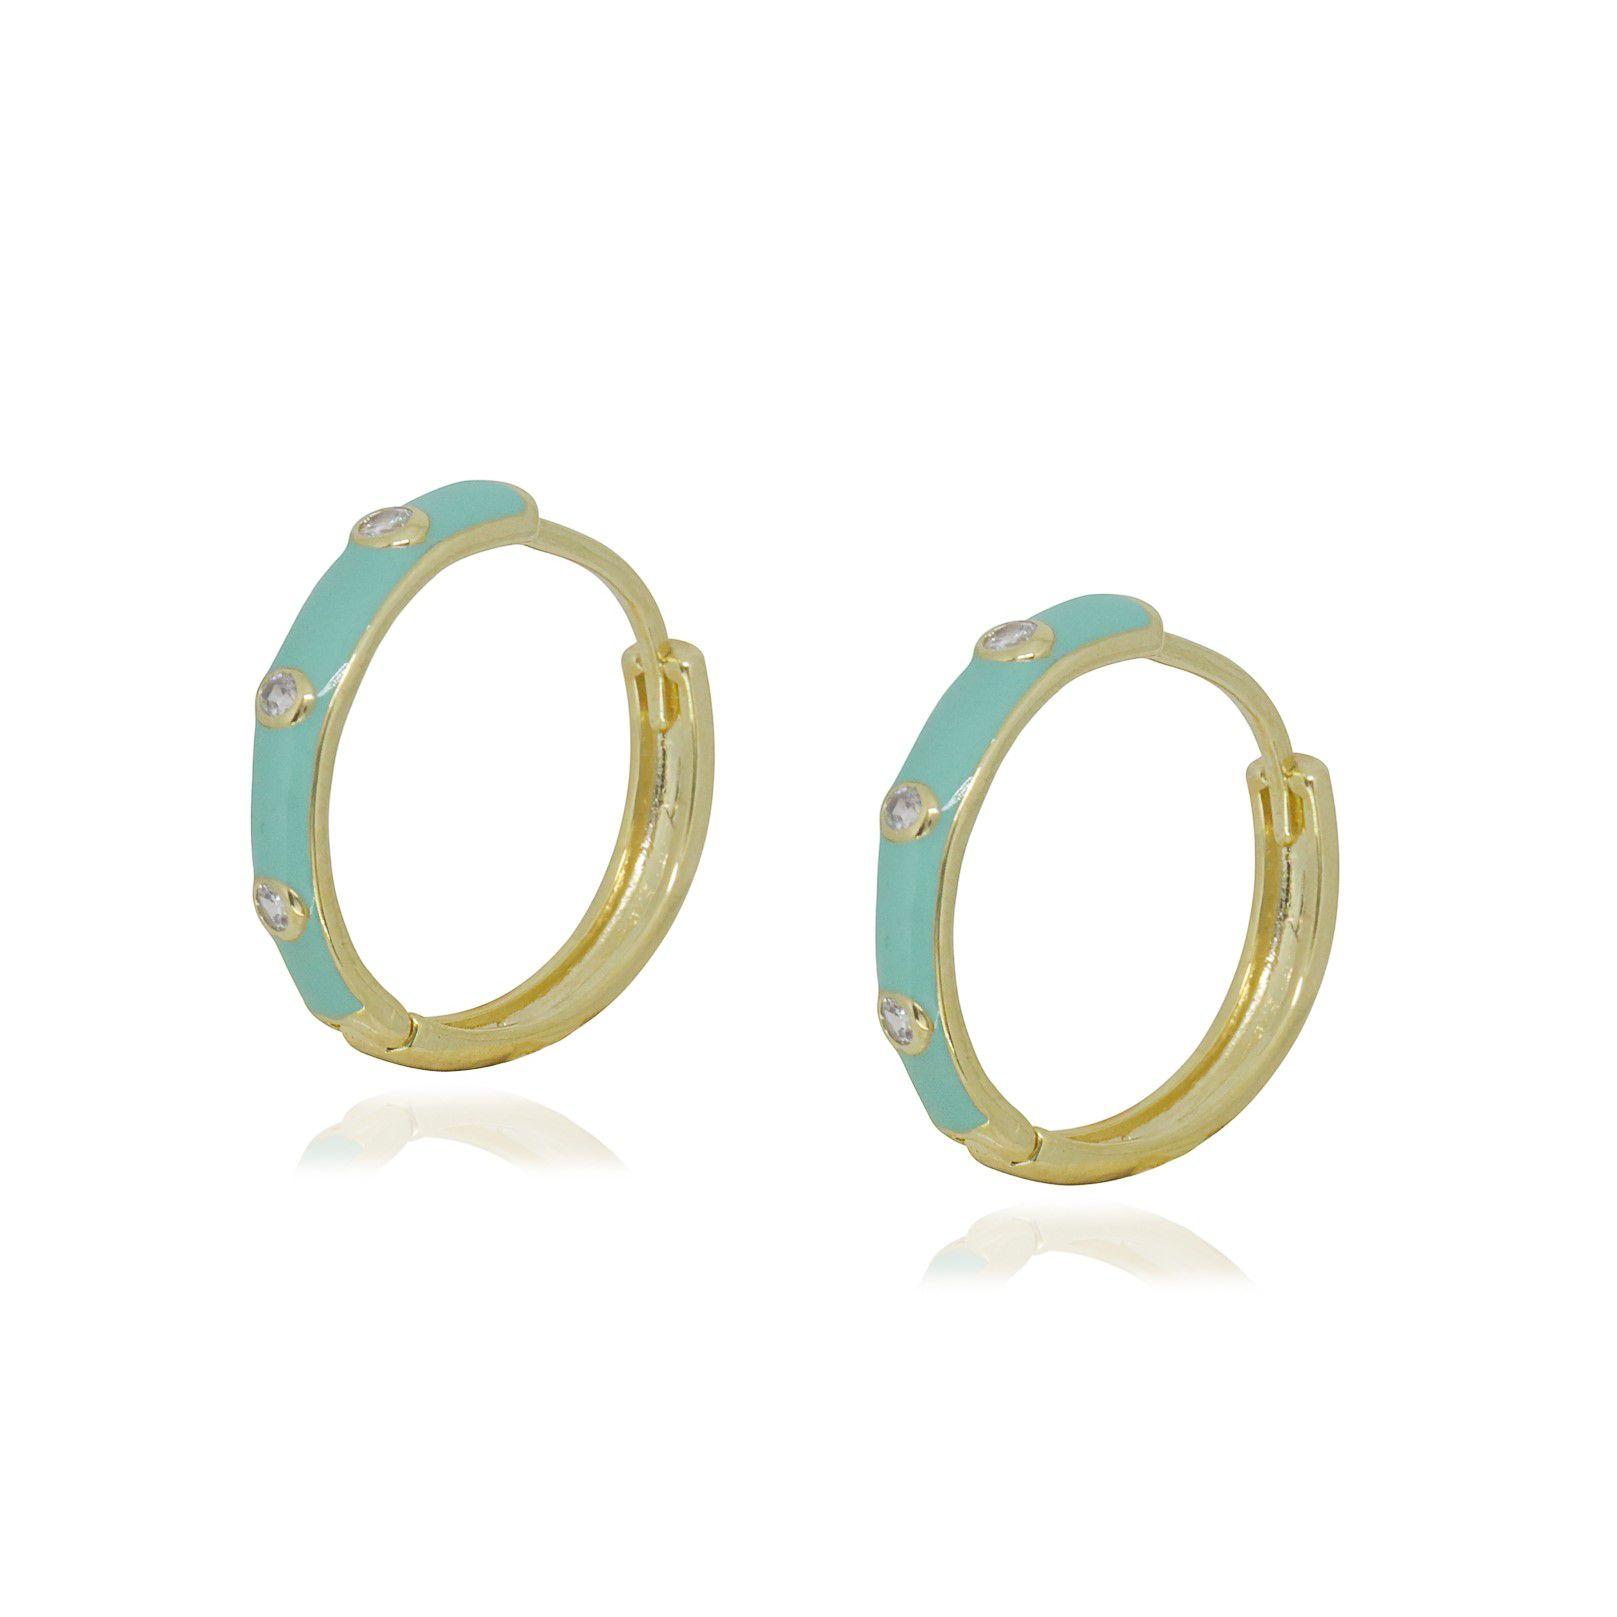 Brinco Semi joia Argola Elite Color com pontos de luz 2,5 cm folheada a ouro 18k ou rhodium e resinada